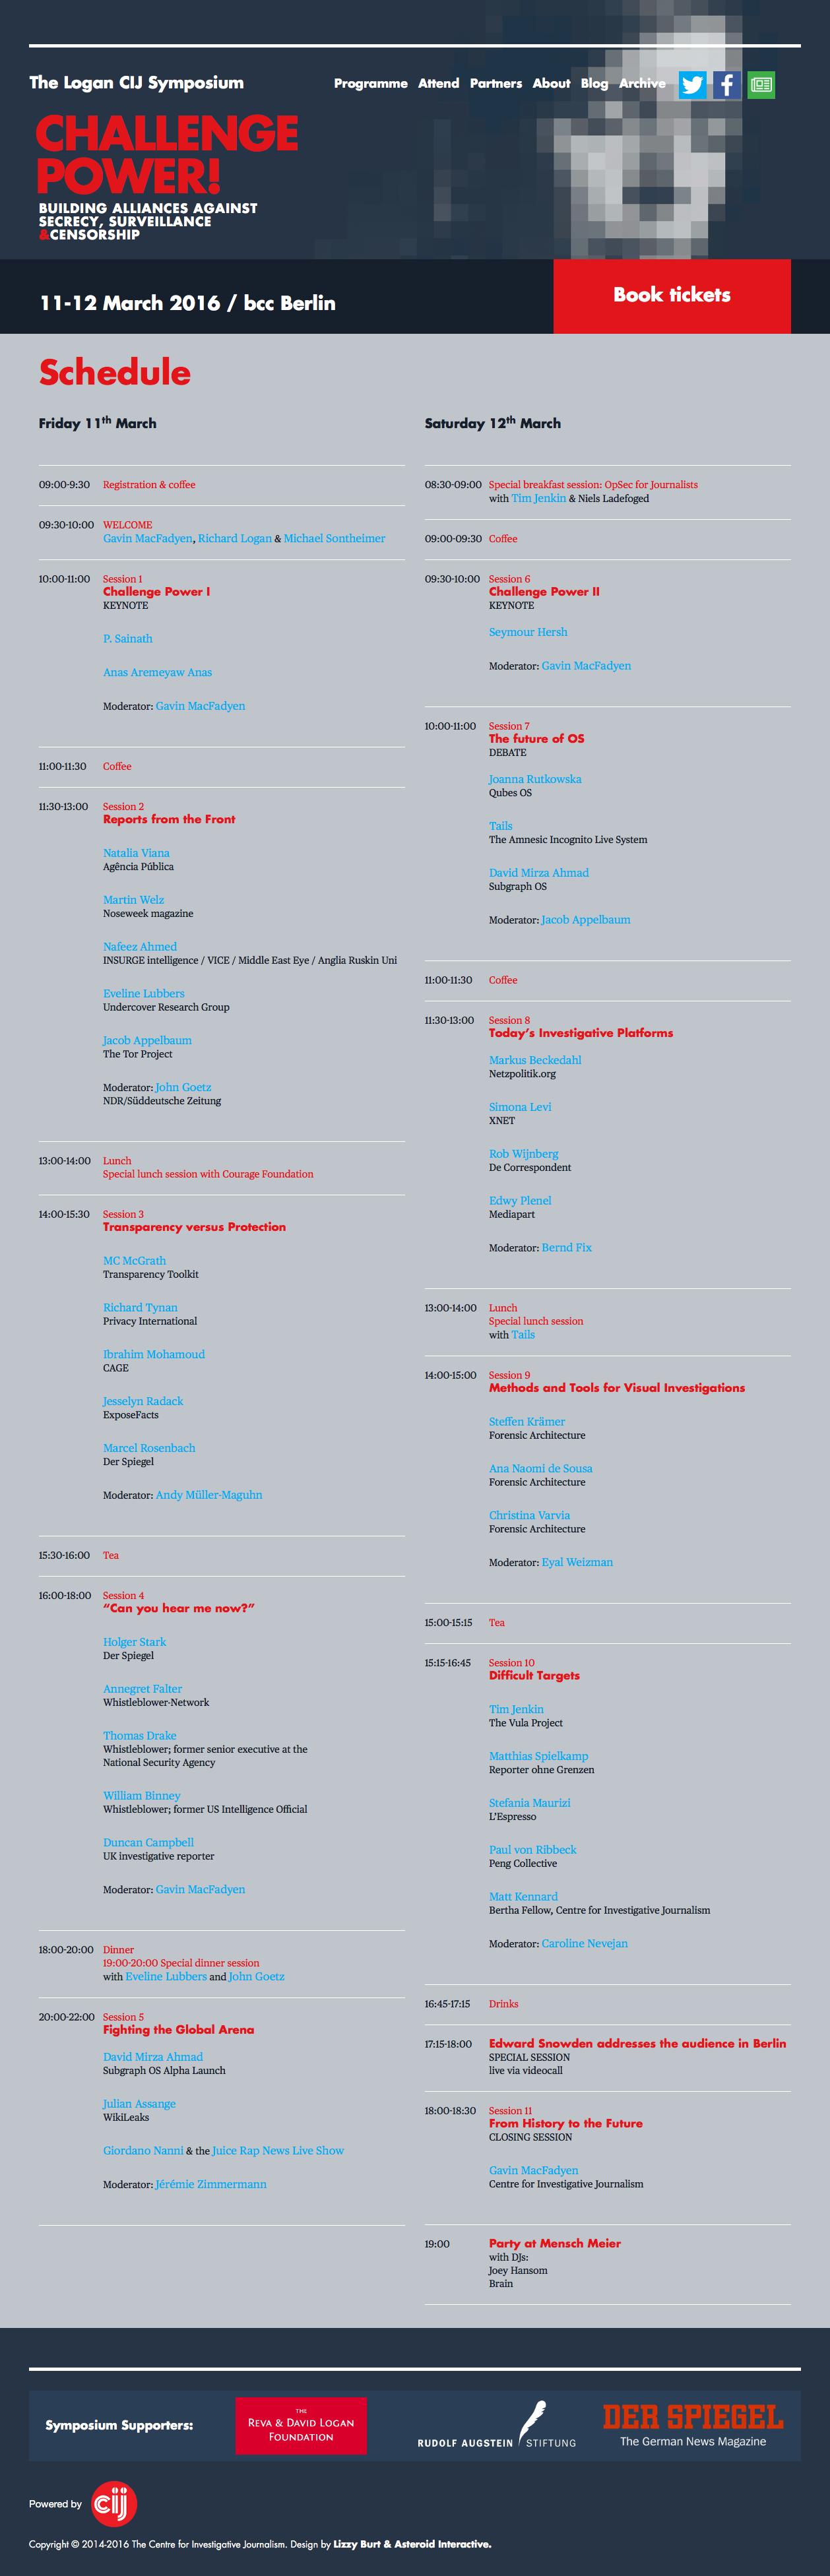 Ergebnisse Thetawelle Nun Steht Da Dass Seymour Duncan Wiring Codes Passen Das Sieht Aber Konferenzprogramm